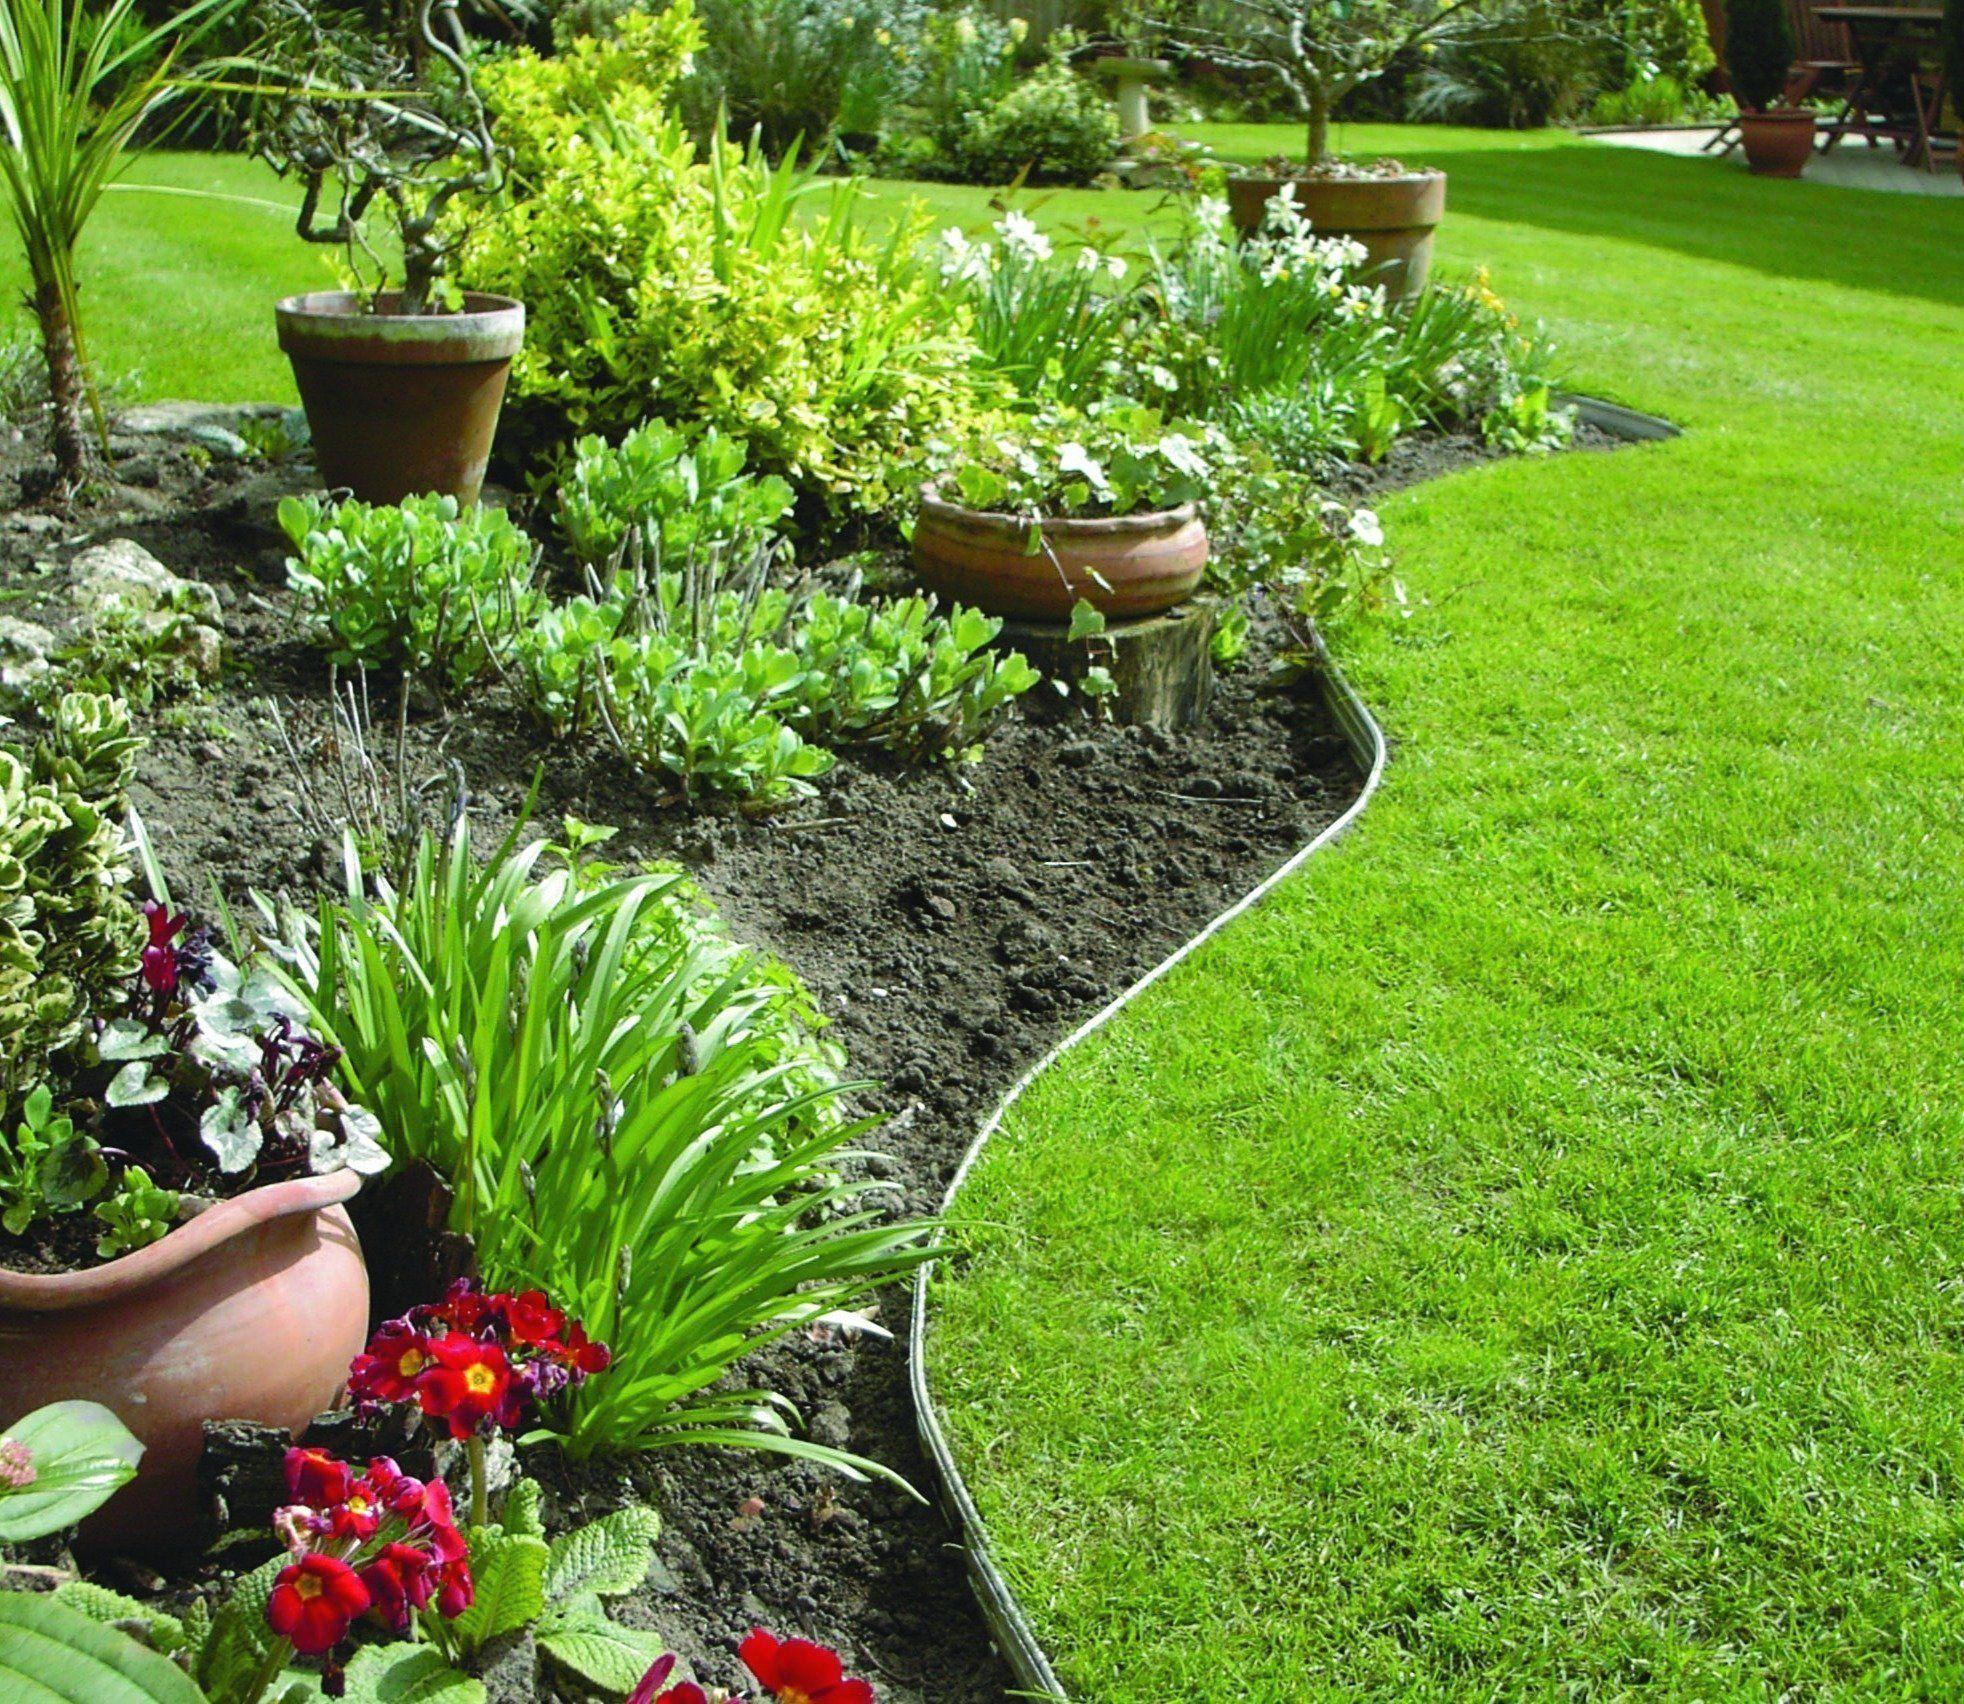 Swift Edge Garden Edging in Silver - Modern Design ...